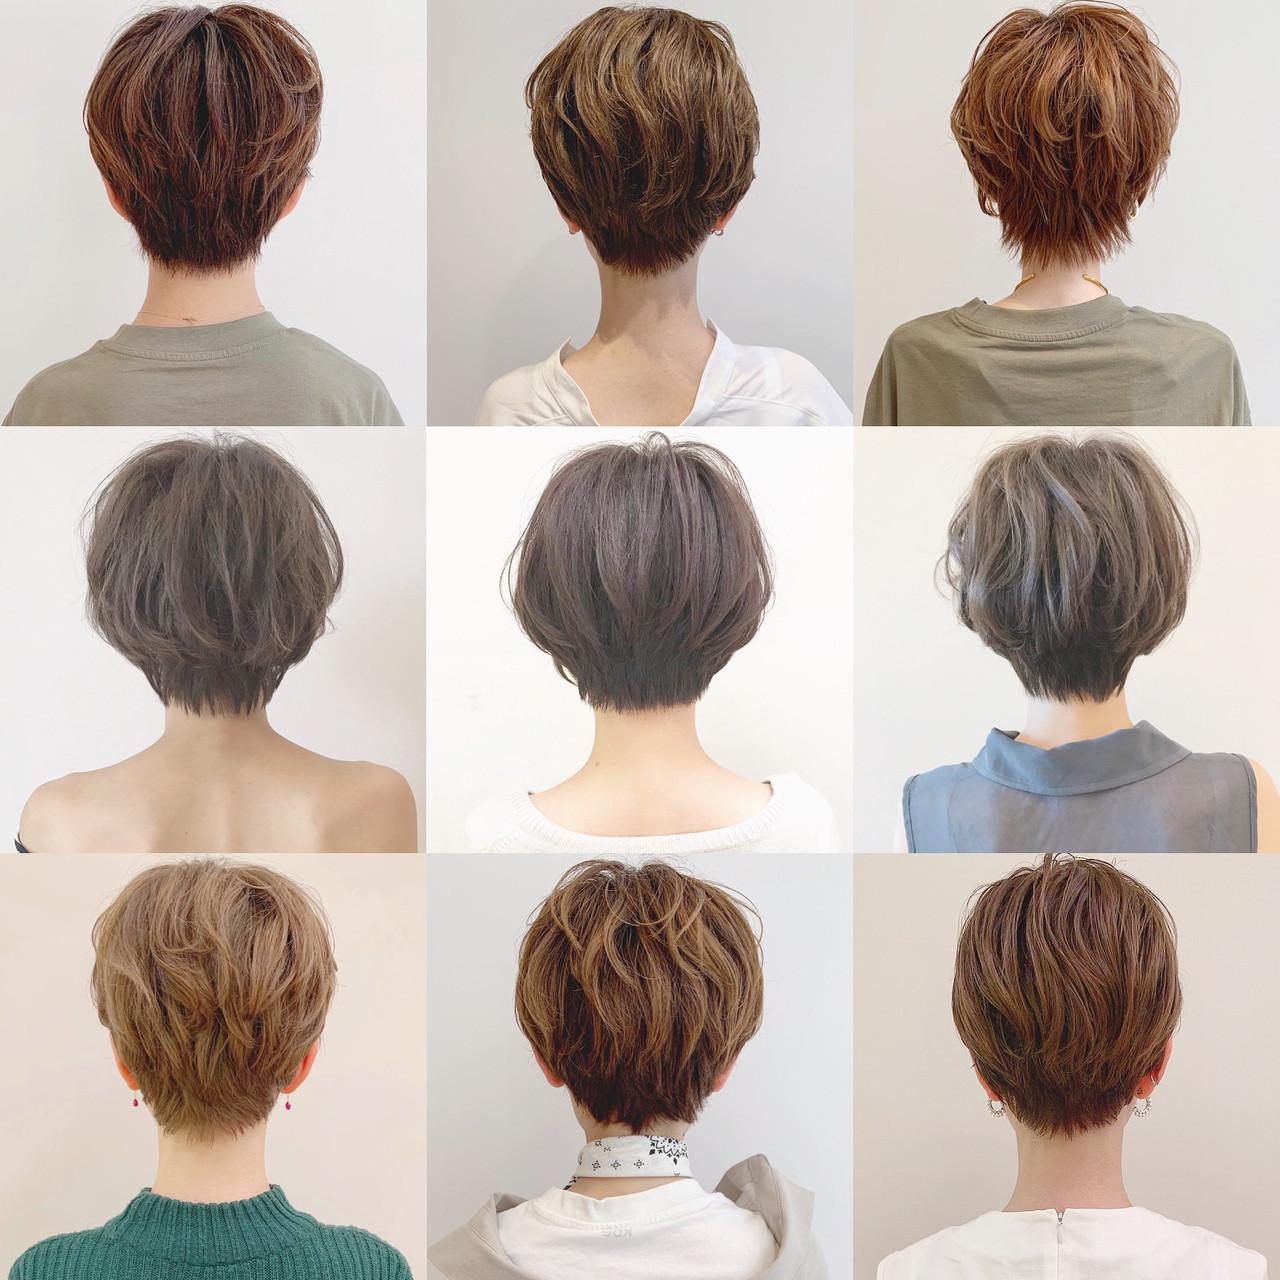 オフィス アウトドア デート ショート ヘアスタイルや髪型の写真・画像 | ショートヘア美容師 #ナカイヒロキ / 『send by HAIR』